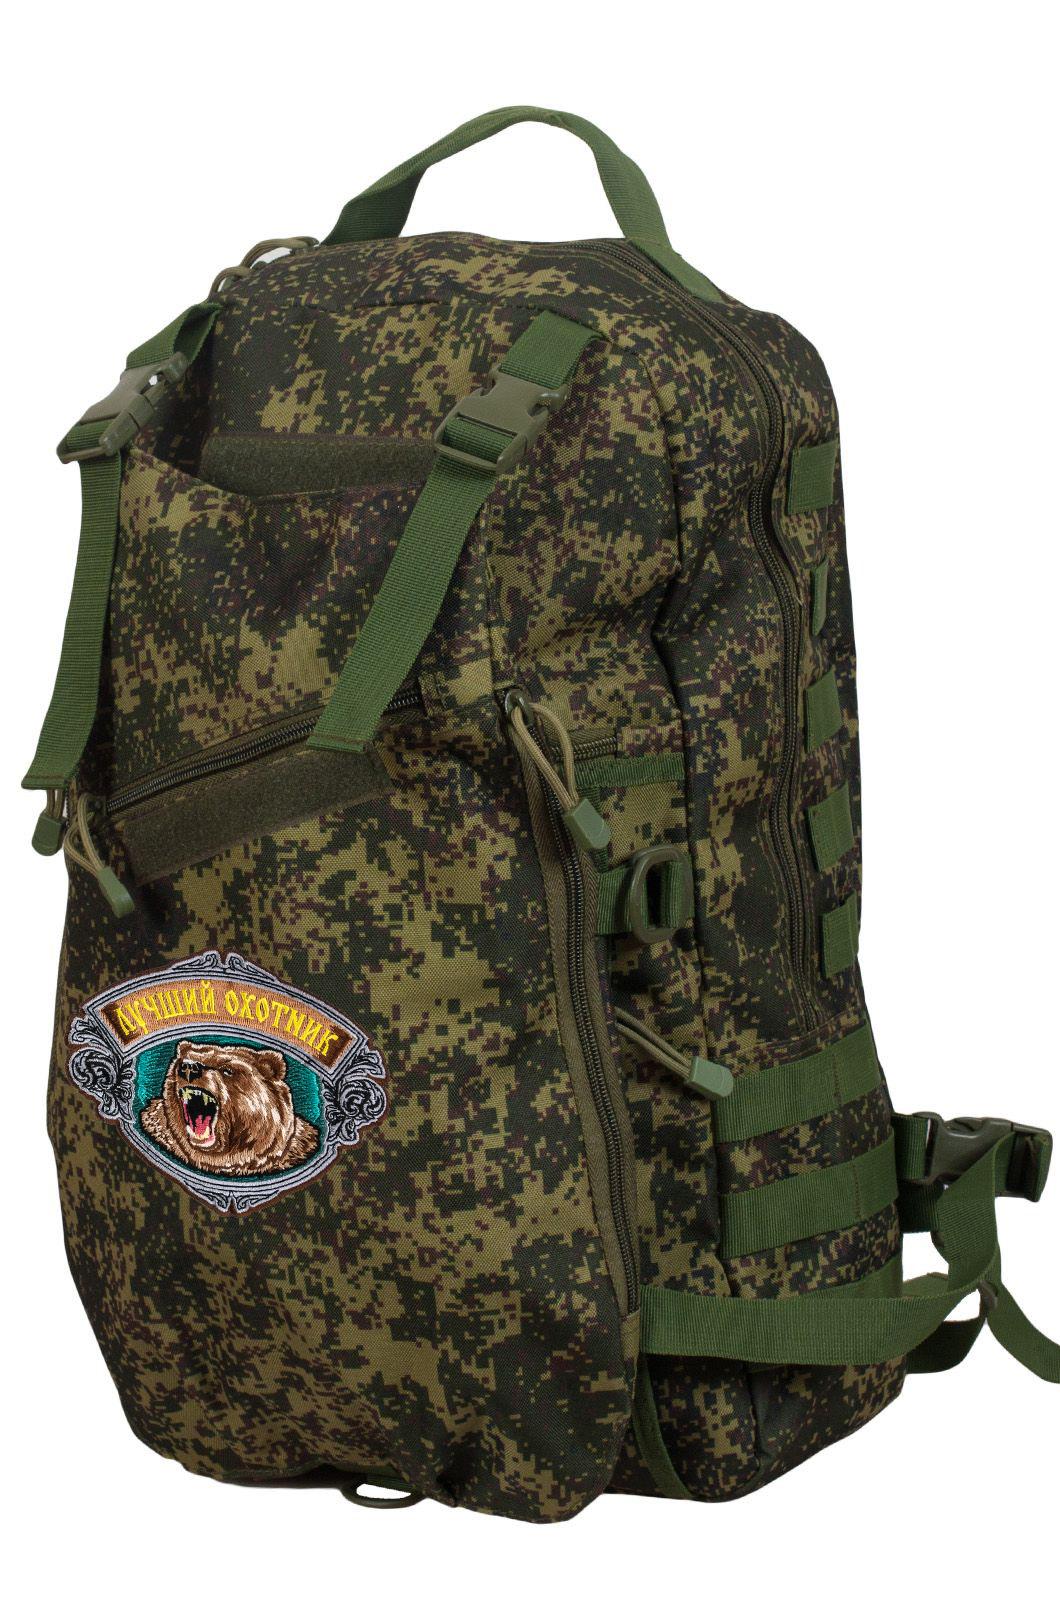 Купить трендовый вместительный рюкзак с нашивкой Лучший Охотник в подарок любимому